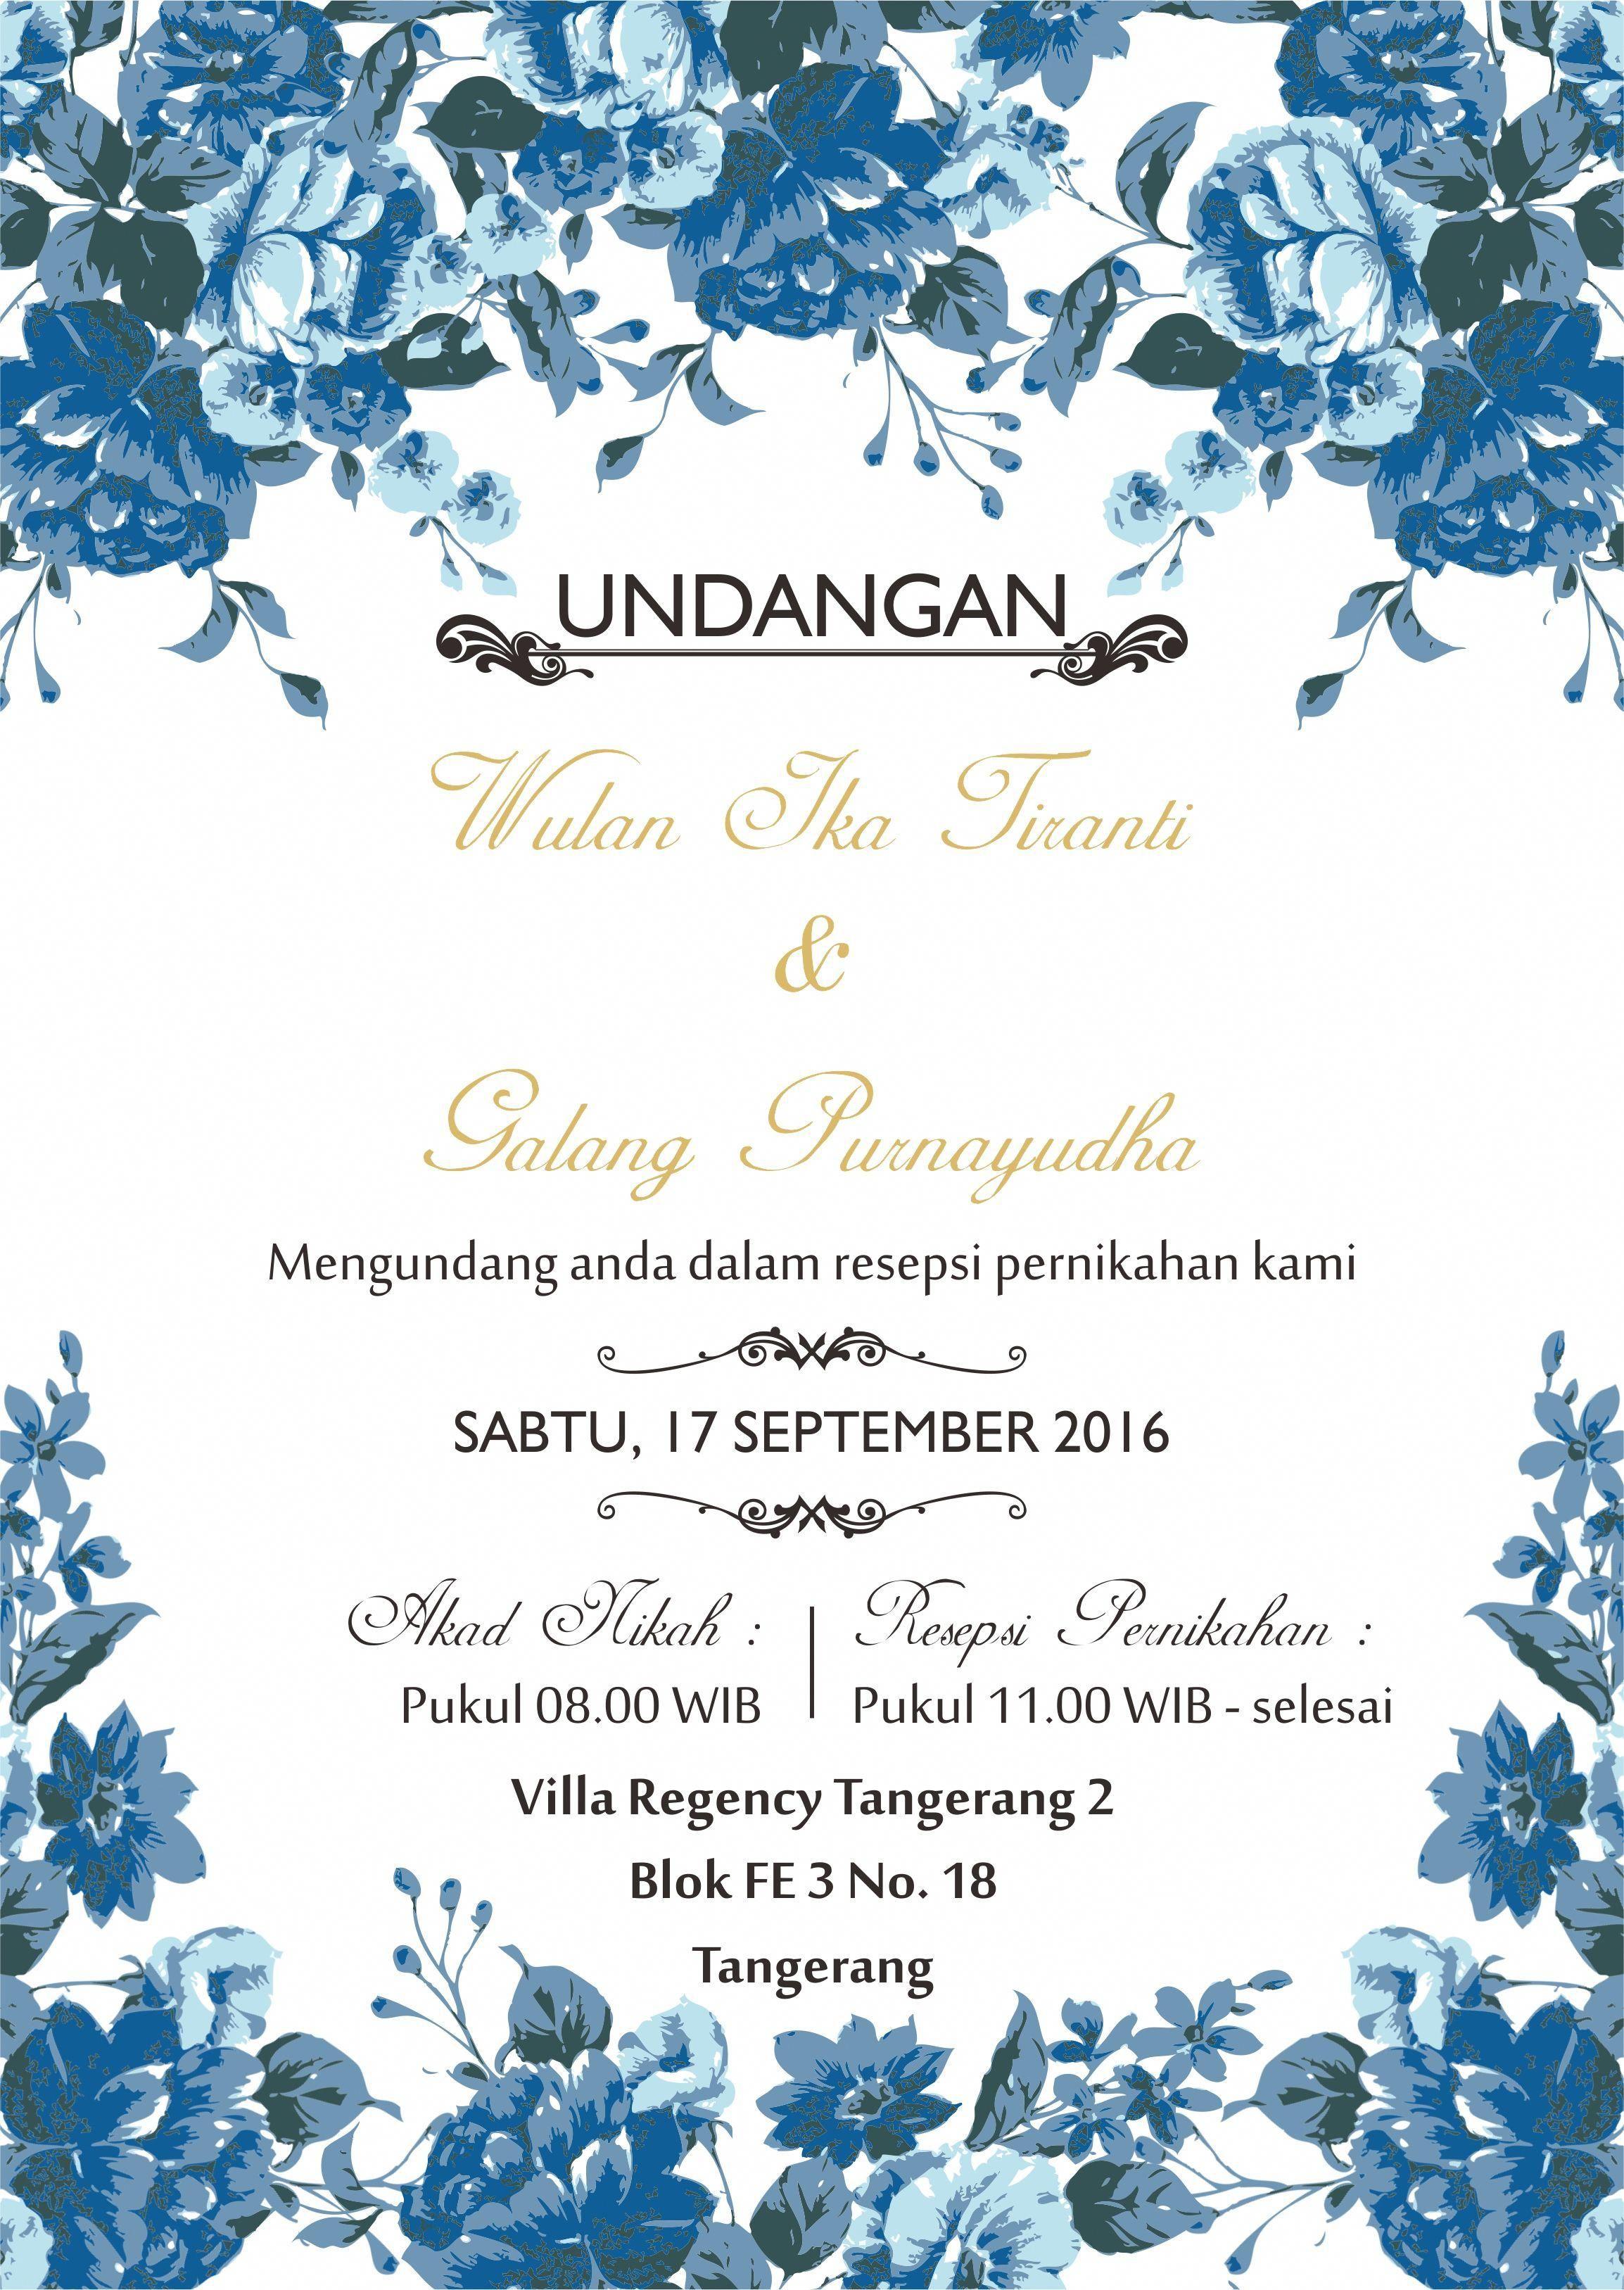 Wedding Invitations Near Me Refferal 4017032322 Pernikahan Kartu Undangan Pernikahan Desain Undangan Perkawinan